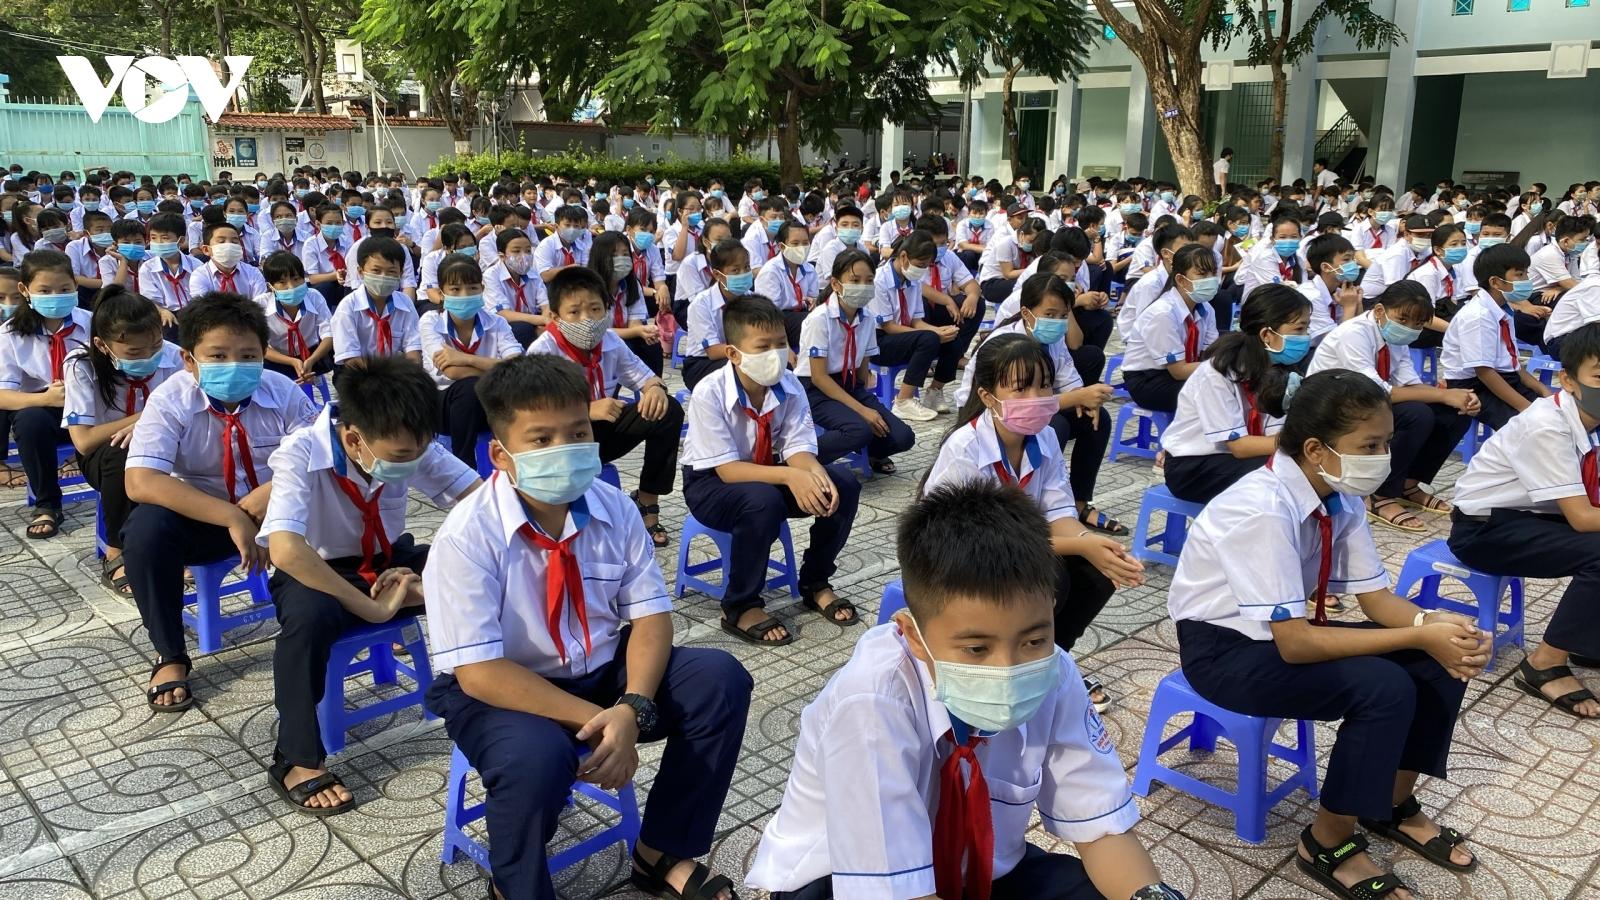 Học sinh tiểu học và GDTX tỉnh Bà Rịa - Vũng Tàu sẽ bắt đầu năm học mới vào 20/9